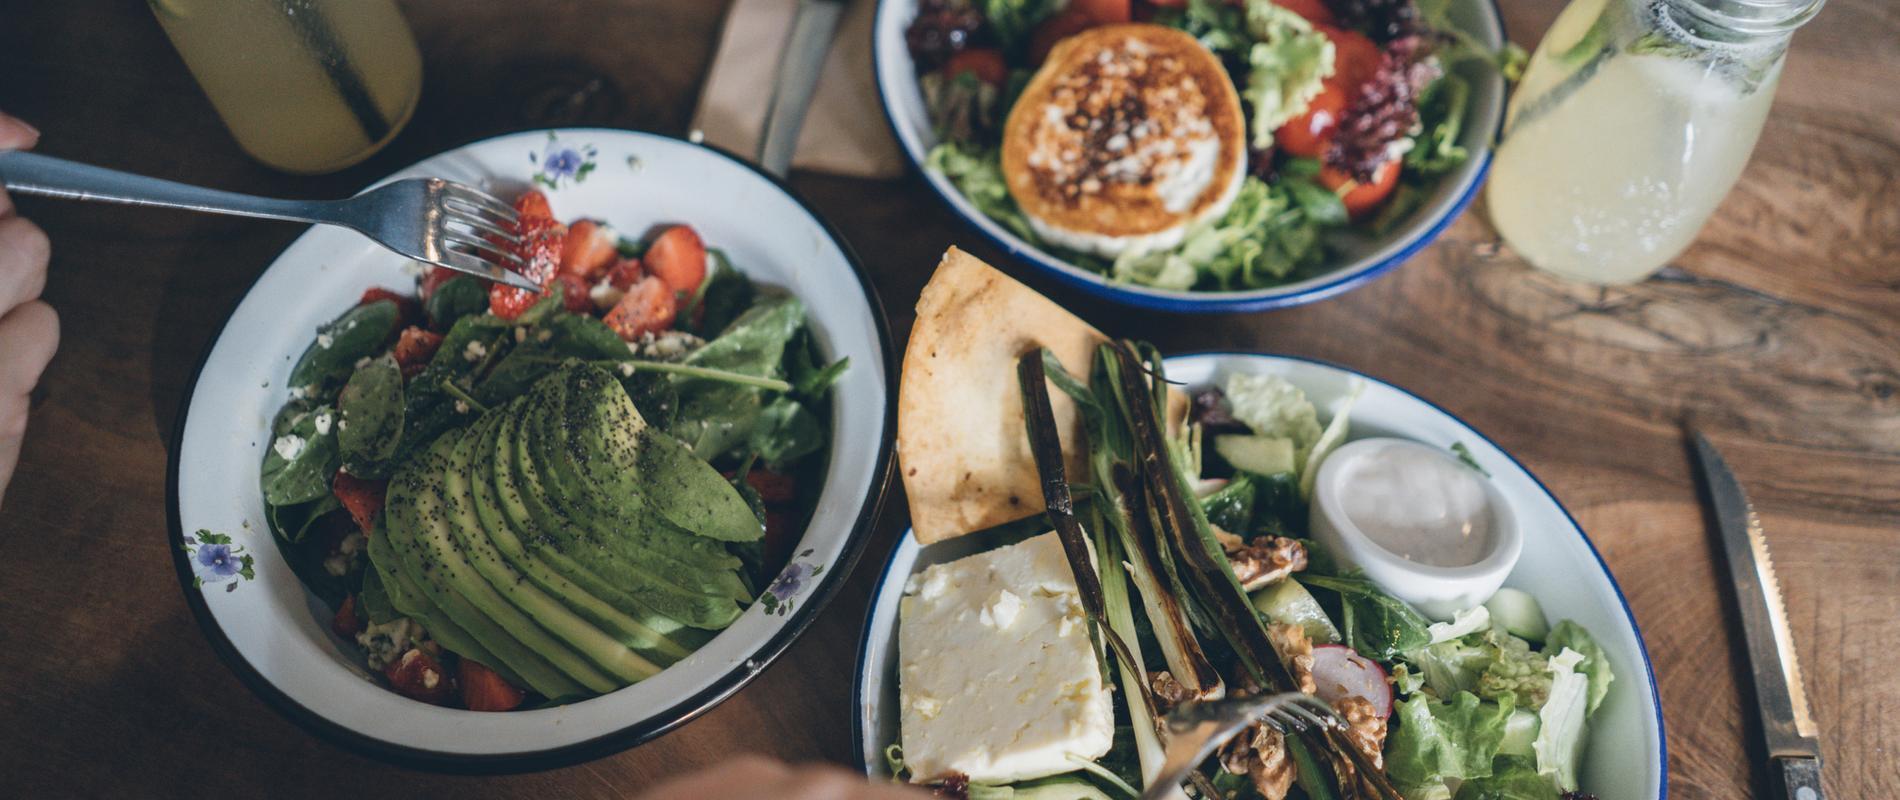 腹部赘肉太多?这些饮食习惯能让你越吃越瘦